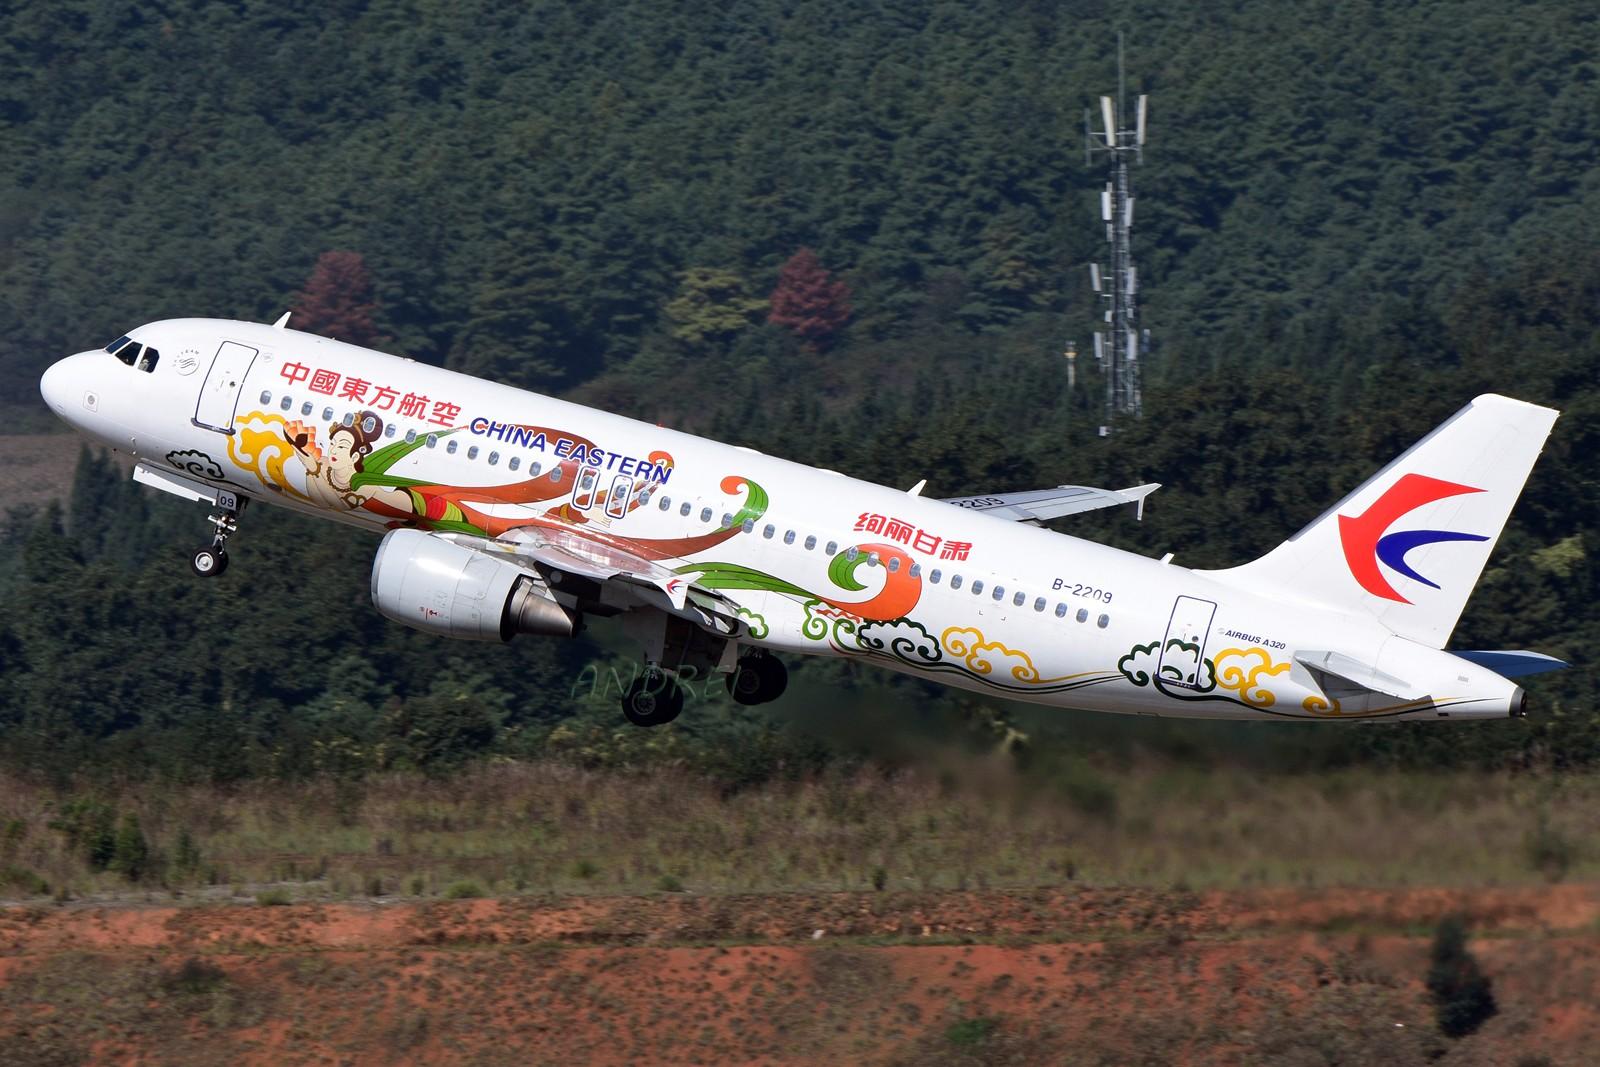 Re:[原创]=====有空就要来几发,不能懈怠===== AIRBUS A320-200 B-2209 中国昆明长水国际机场